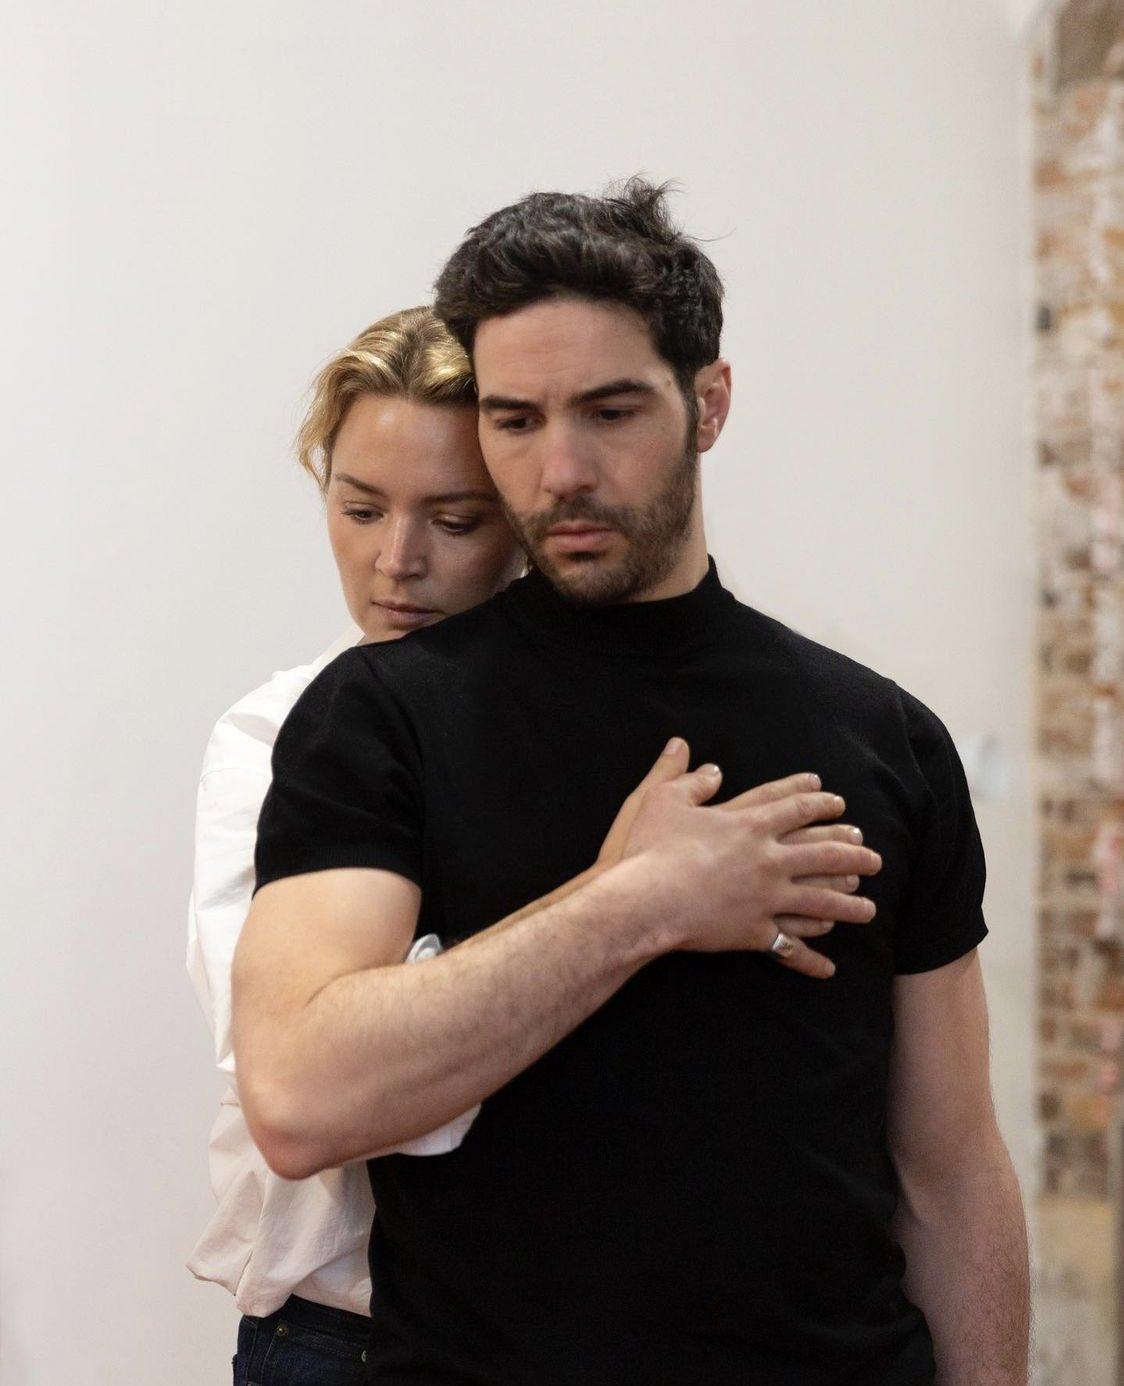 Virginie Efira et Tahar Rahim en répétition pour Don Juan, l'un des films de comédie musicale français qui sort au cinéma en 2021.